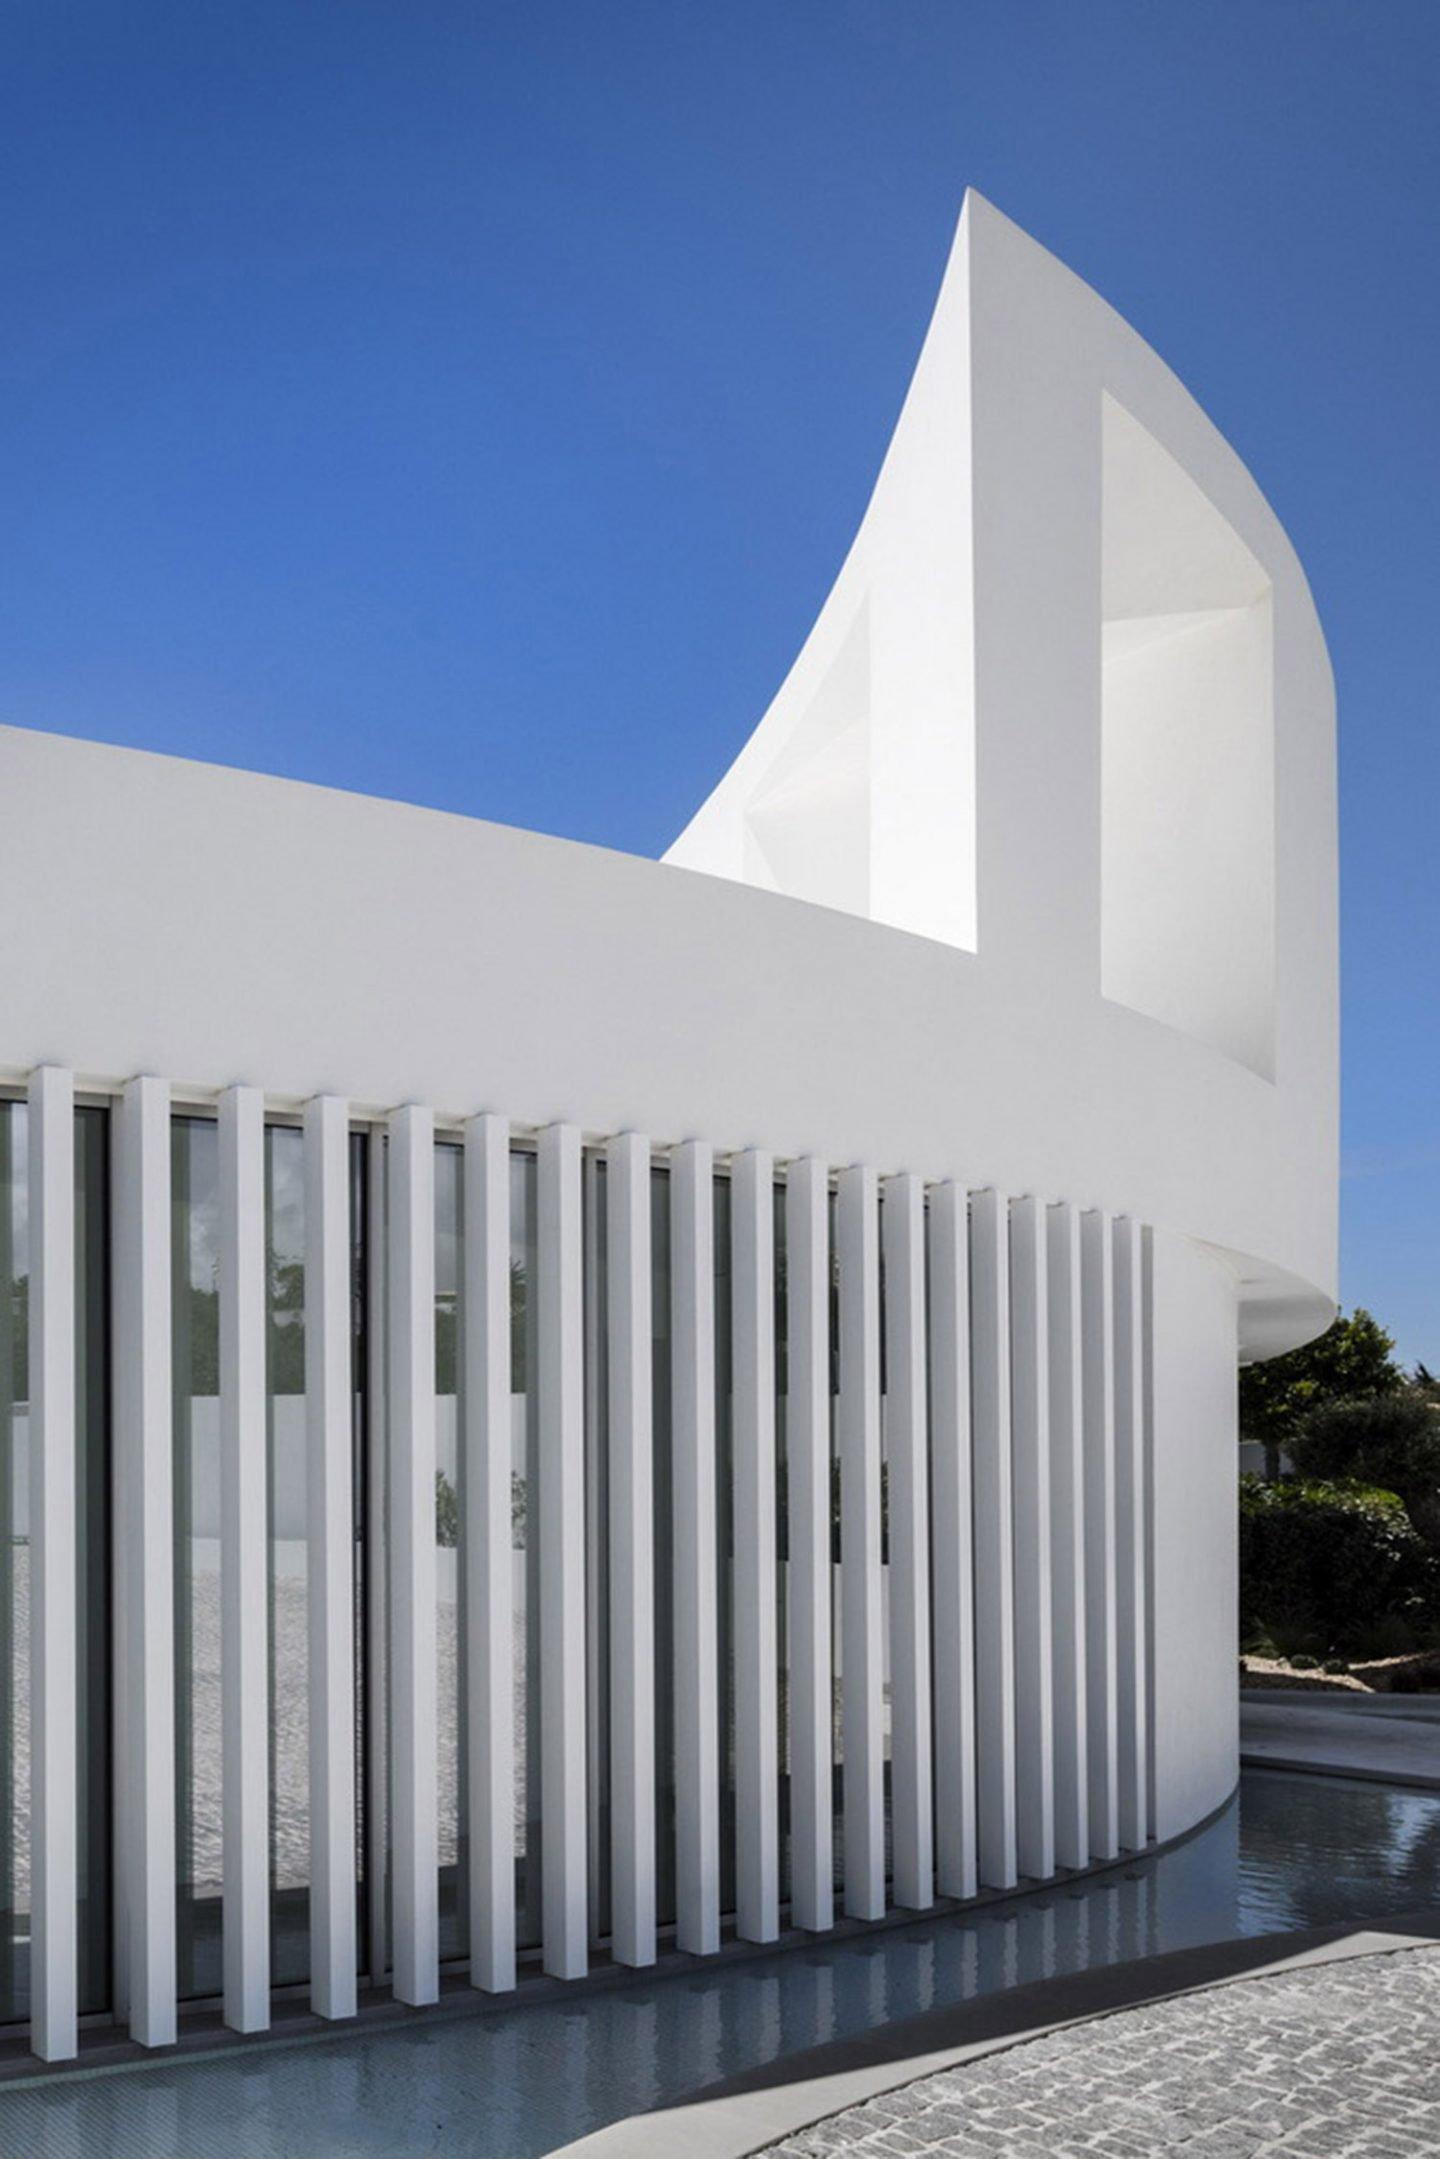 Architecture_CasaEliptica_MarioMartinsAtelier07